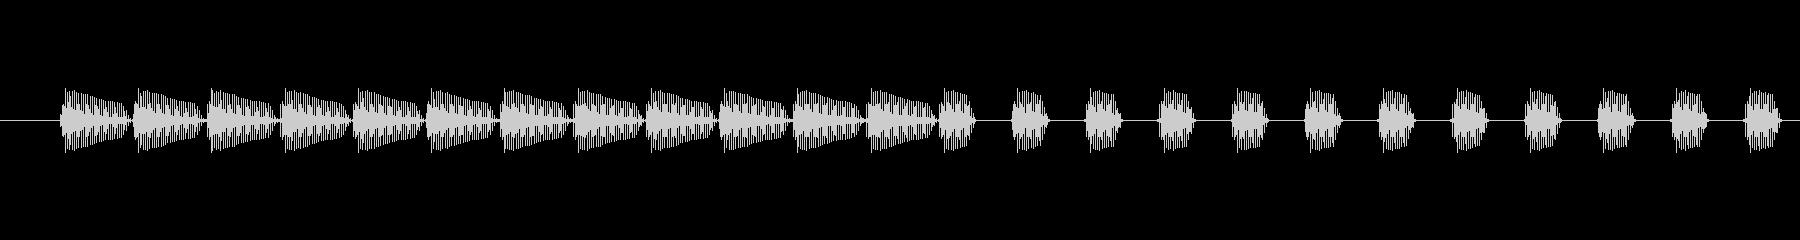 コンピューター作業;速いビープ音。の未再生の波形